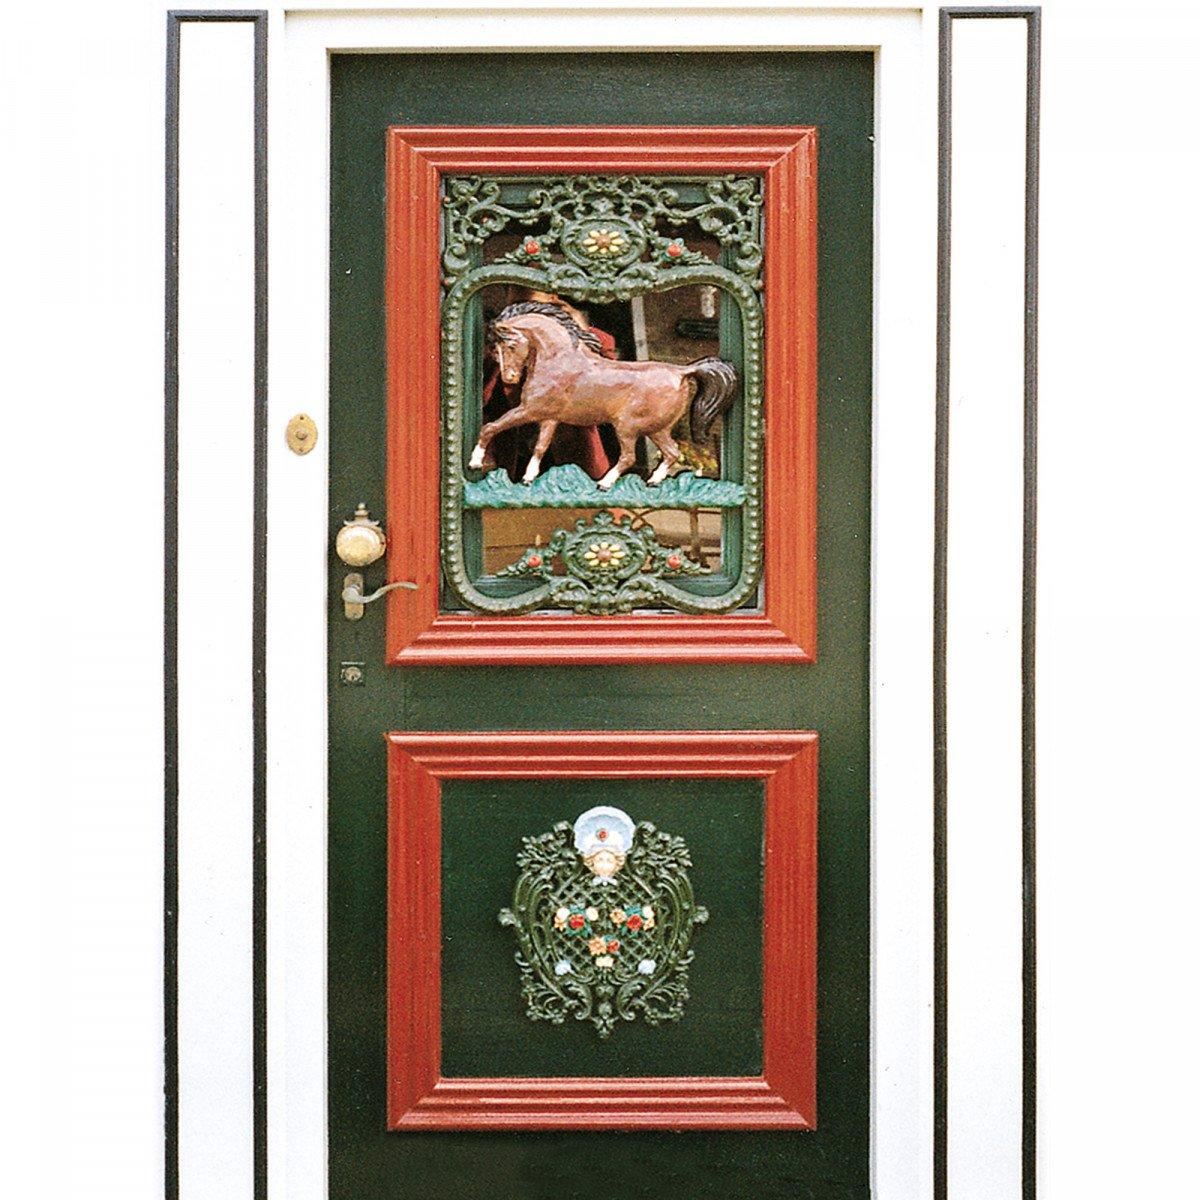 Engel Ornament 39 x 32 (0204) -  - Deurroosters